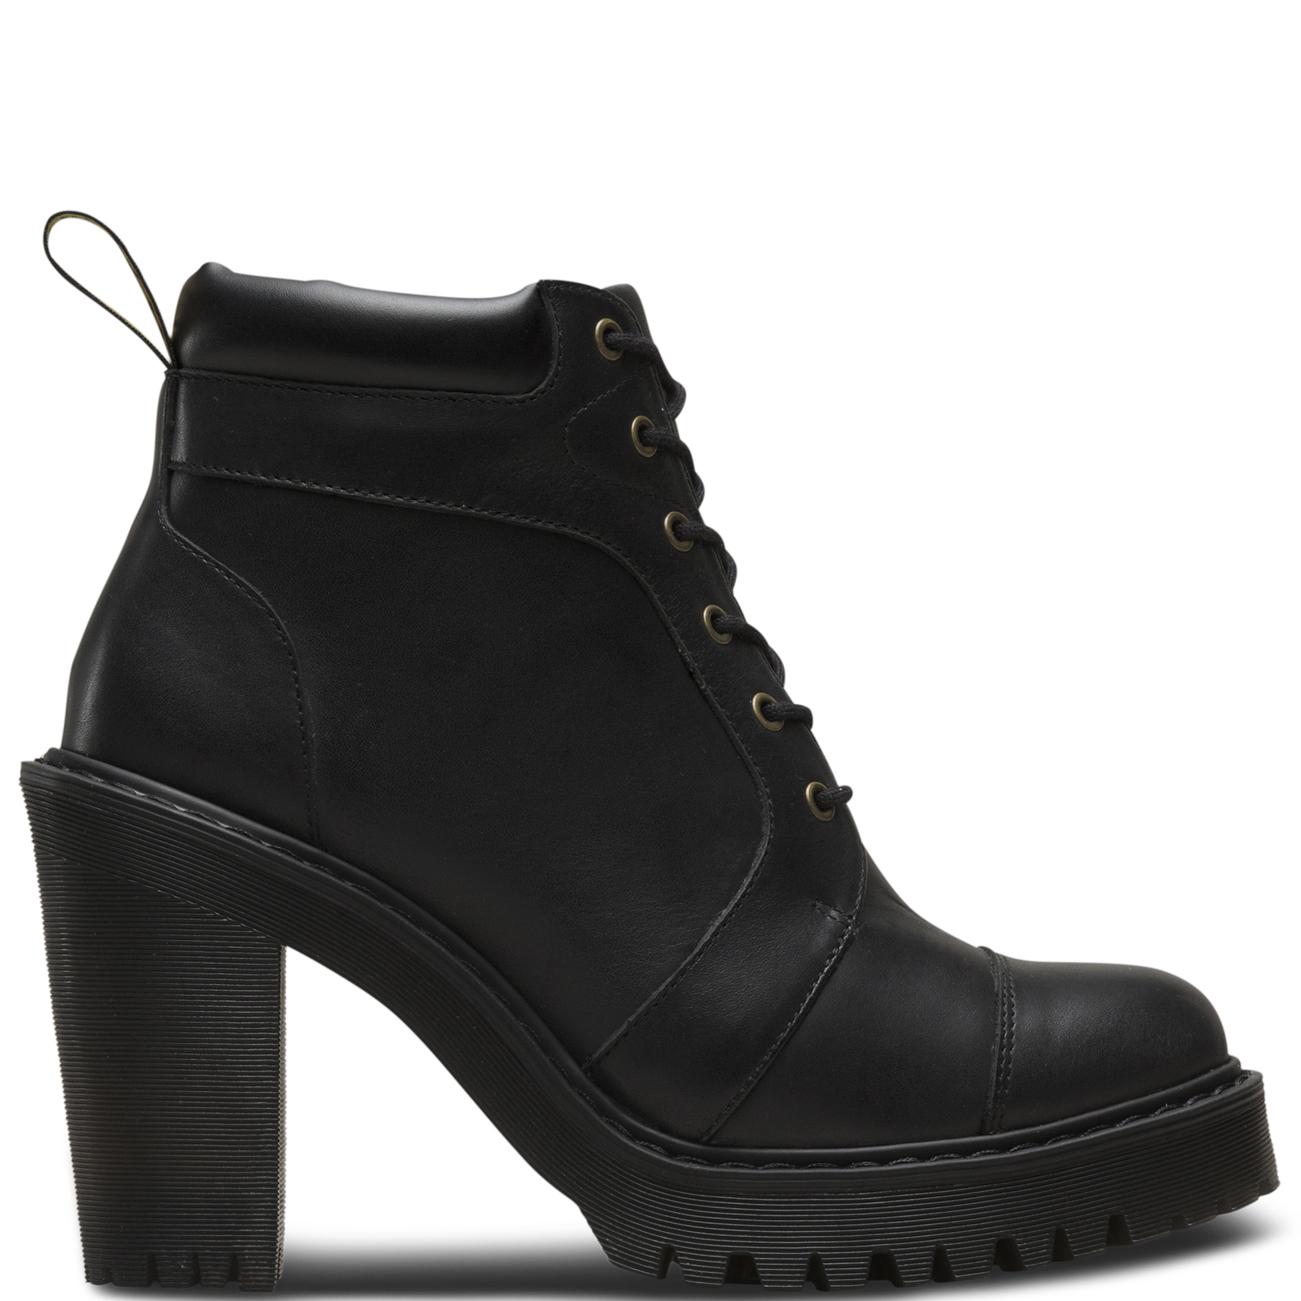 Details about Womens Dr Martens Averil Fusion Seriene Originals Block Heel  Ankle Boot US 5-11 c810409295c4